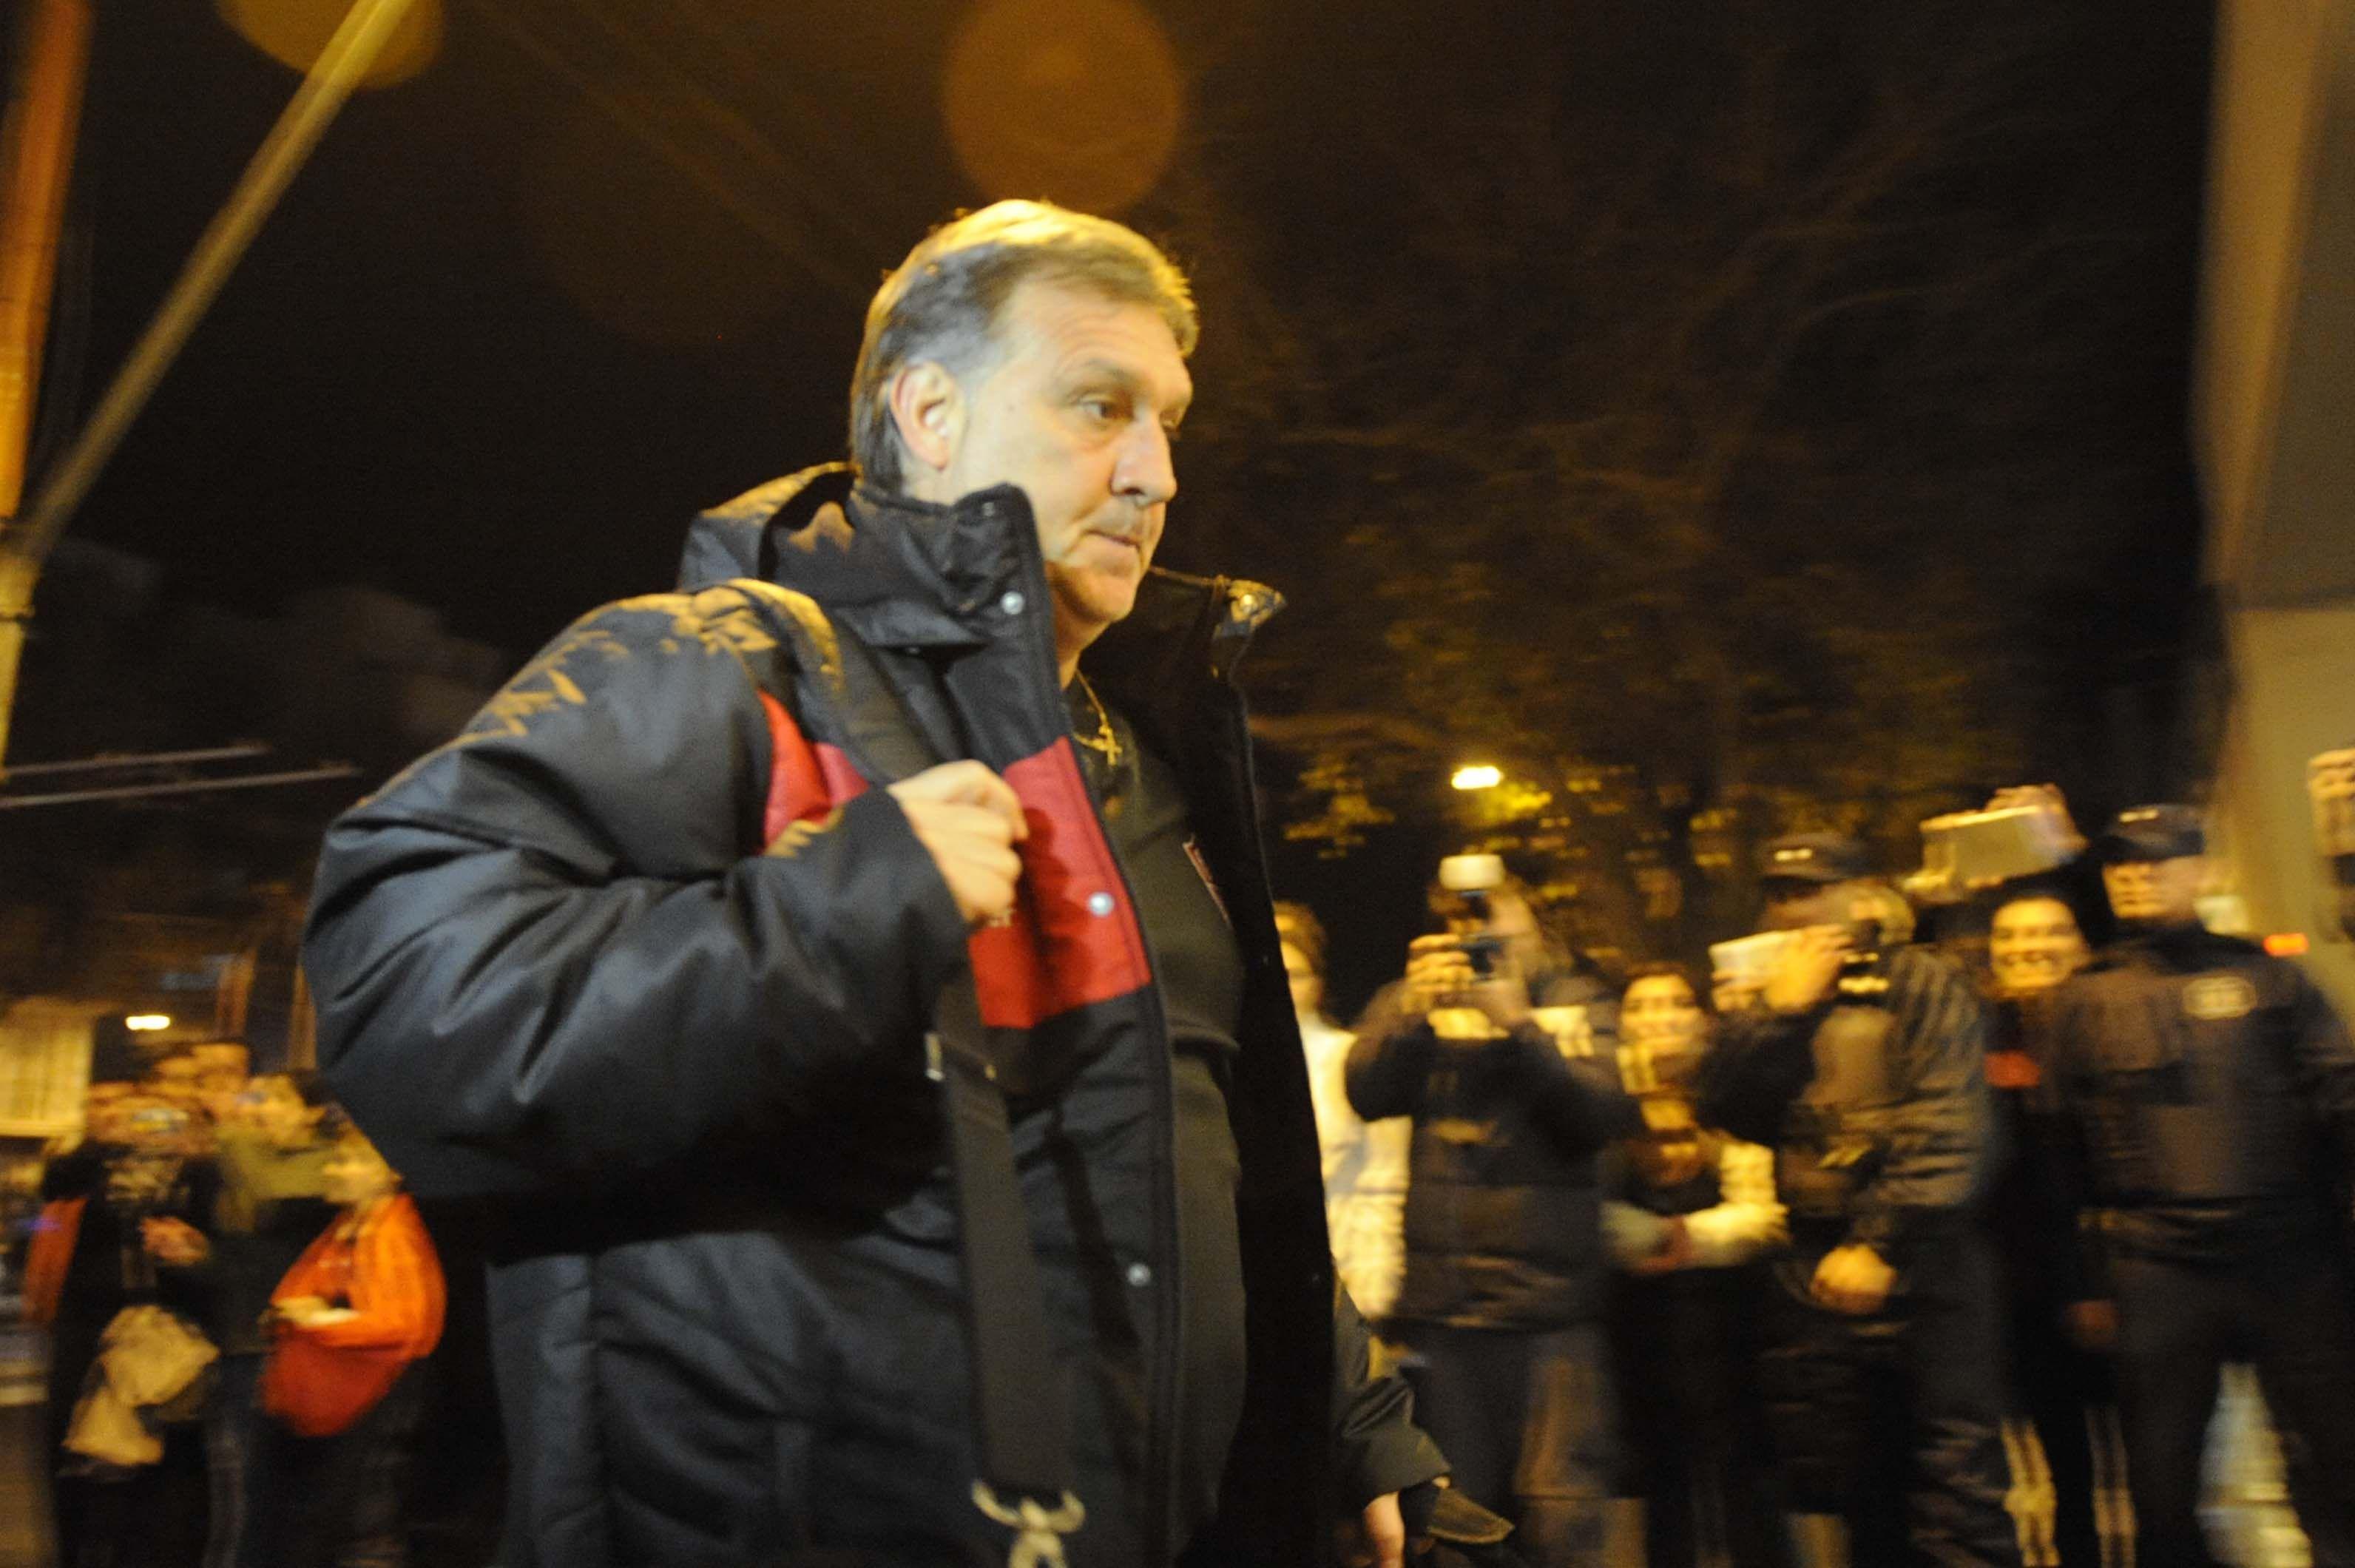 El Tata Martino en el arribo a Mendoza.